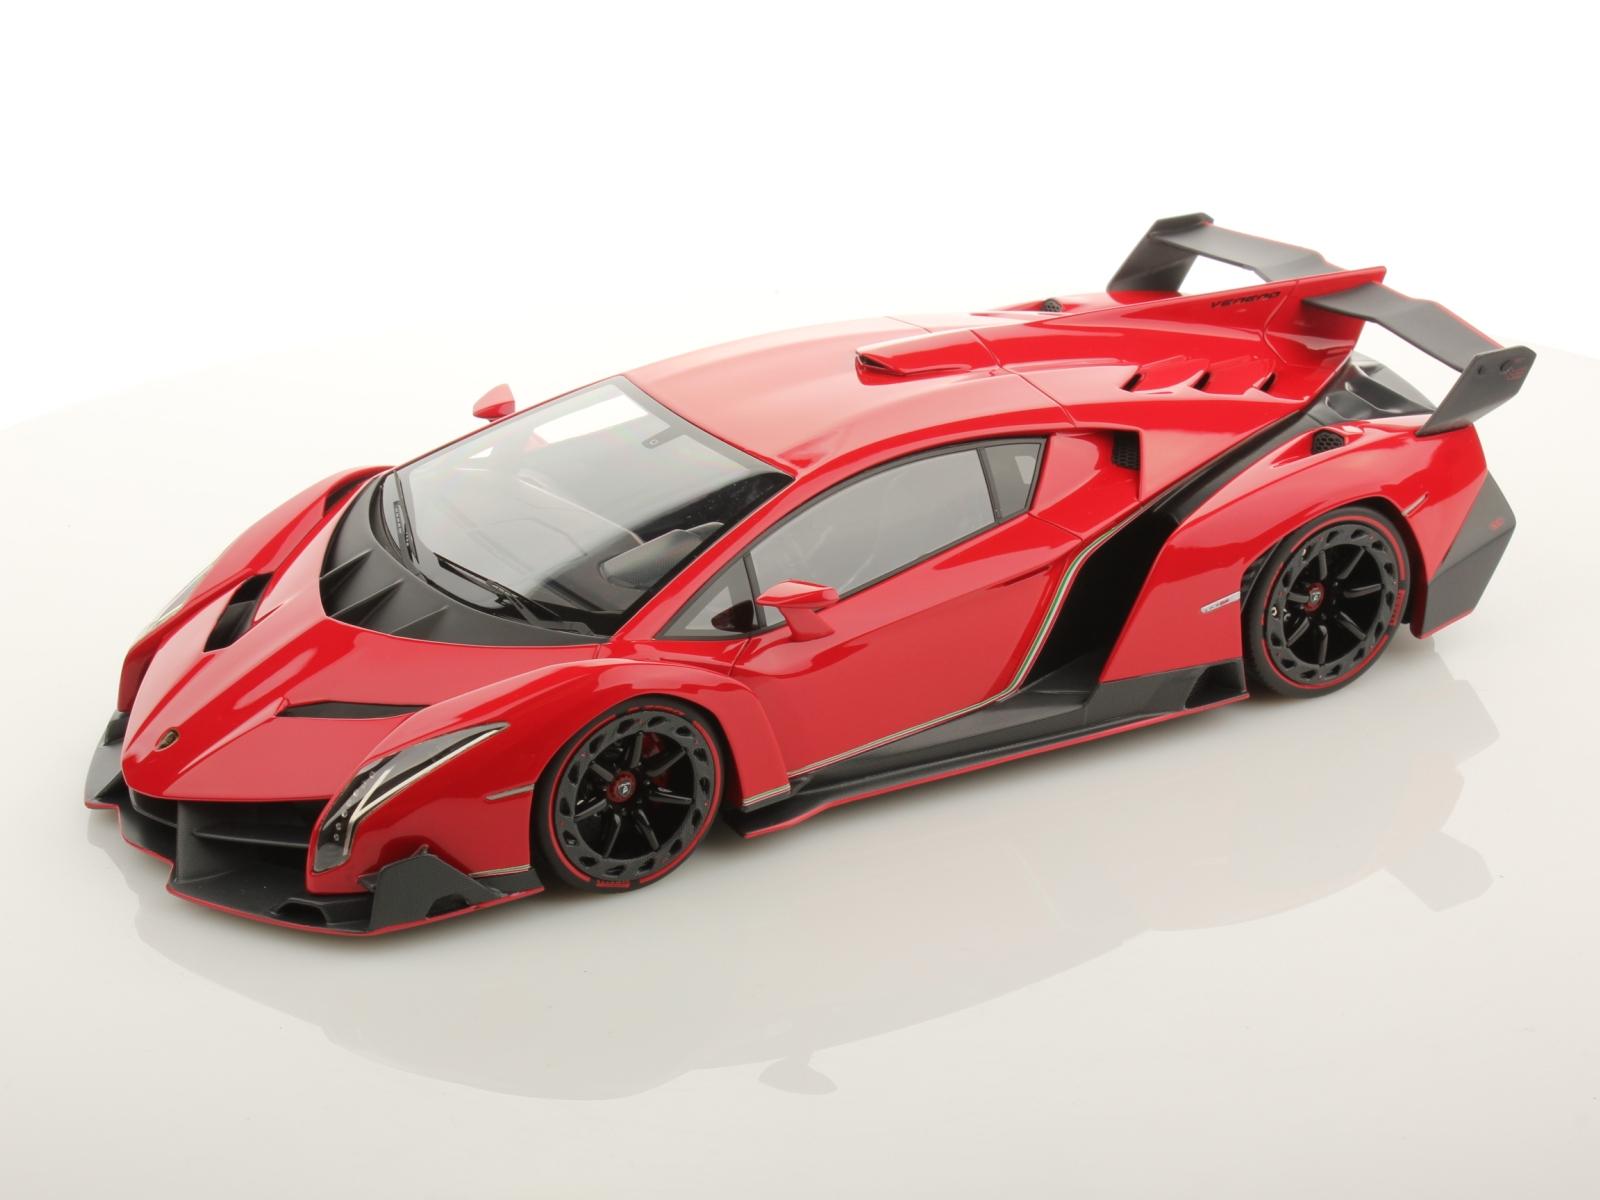 LAMBO012D - Lamborghini Veneno Geneva Motorshow 2013 1:18